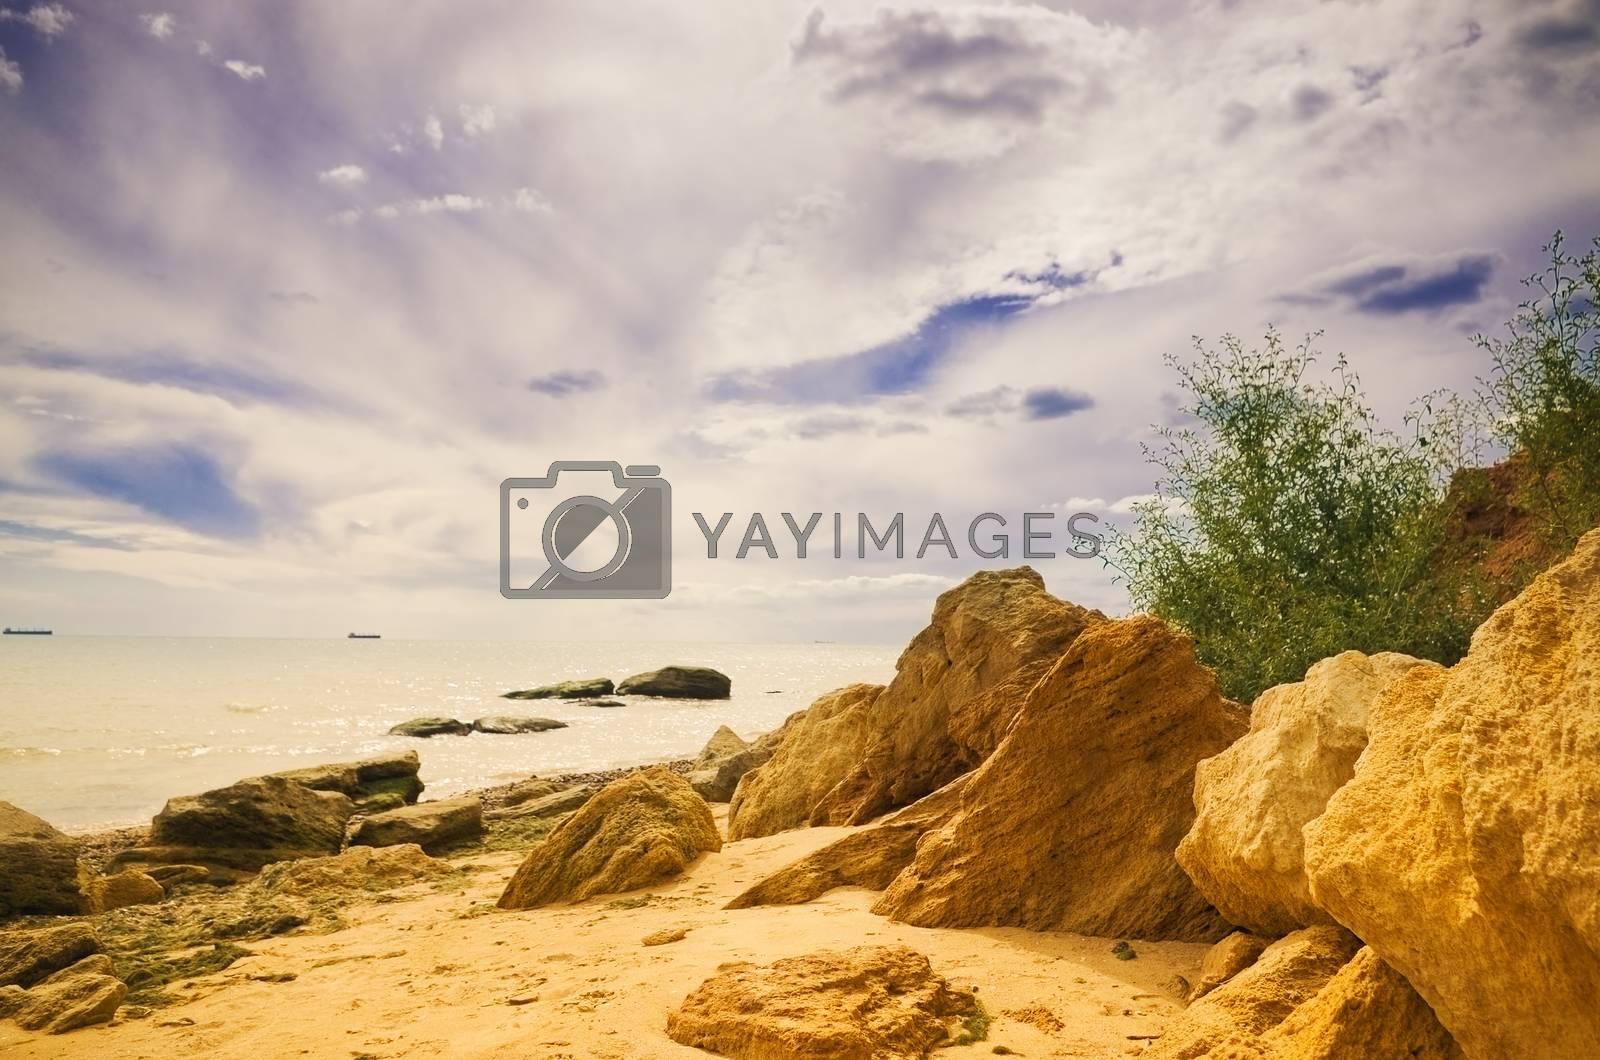 sea shore, sand and stones